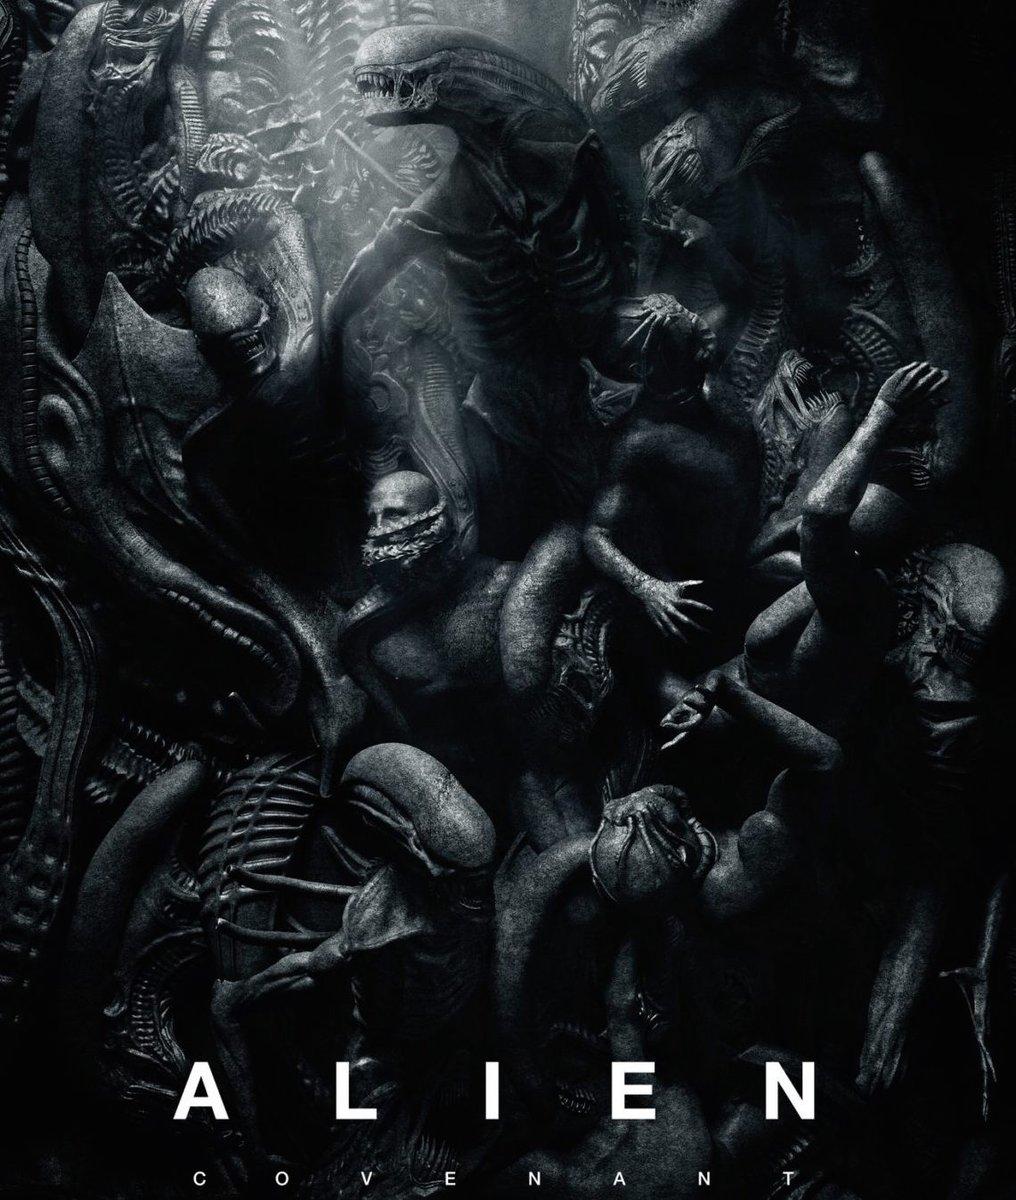 ¿Querías xenomorfos? El nuevo póster de #AlienCovenant te da varias ta...